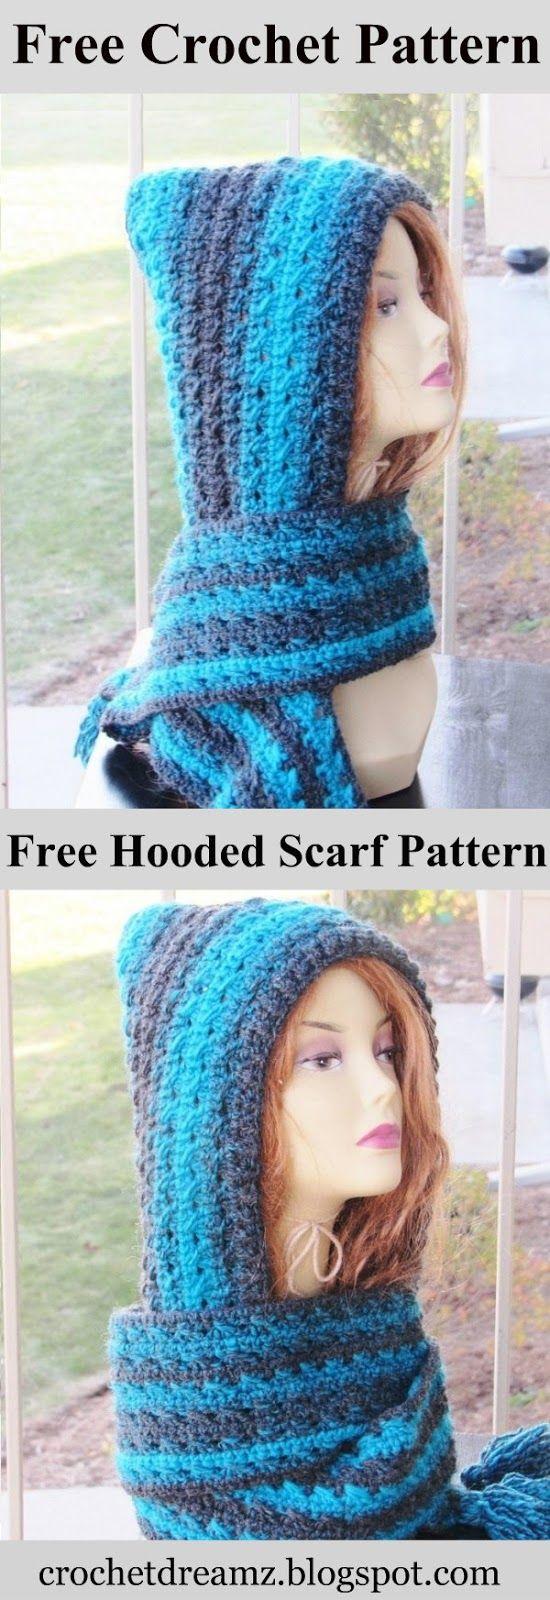 Heidi Hooded Scarf, Free Crochet Pattern | Crochet hooded scarf ...